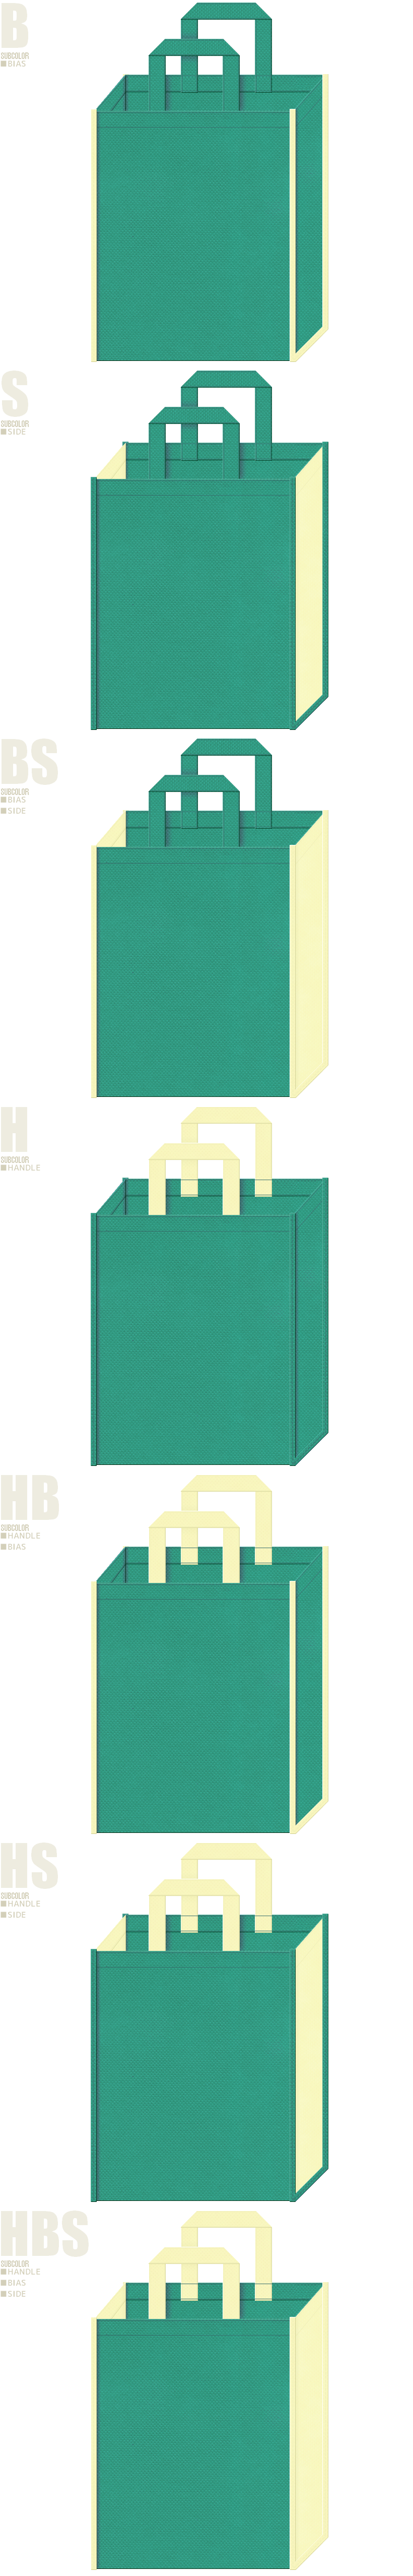 石鹸・洗剤・バス用品・お掃除用品・家庭用品・医療施設・福祉施設・介護施設・介護用品の展示会用バッグにお奨めの不織布バッグデザイン:青緑色と薄黄色の配色7パターン